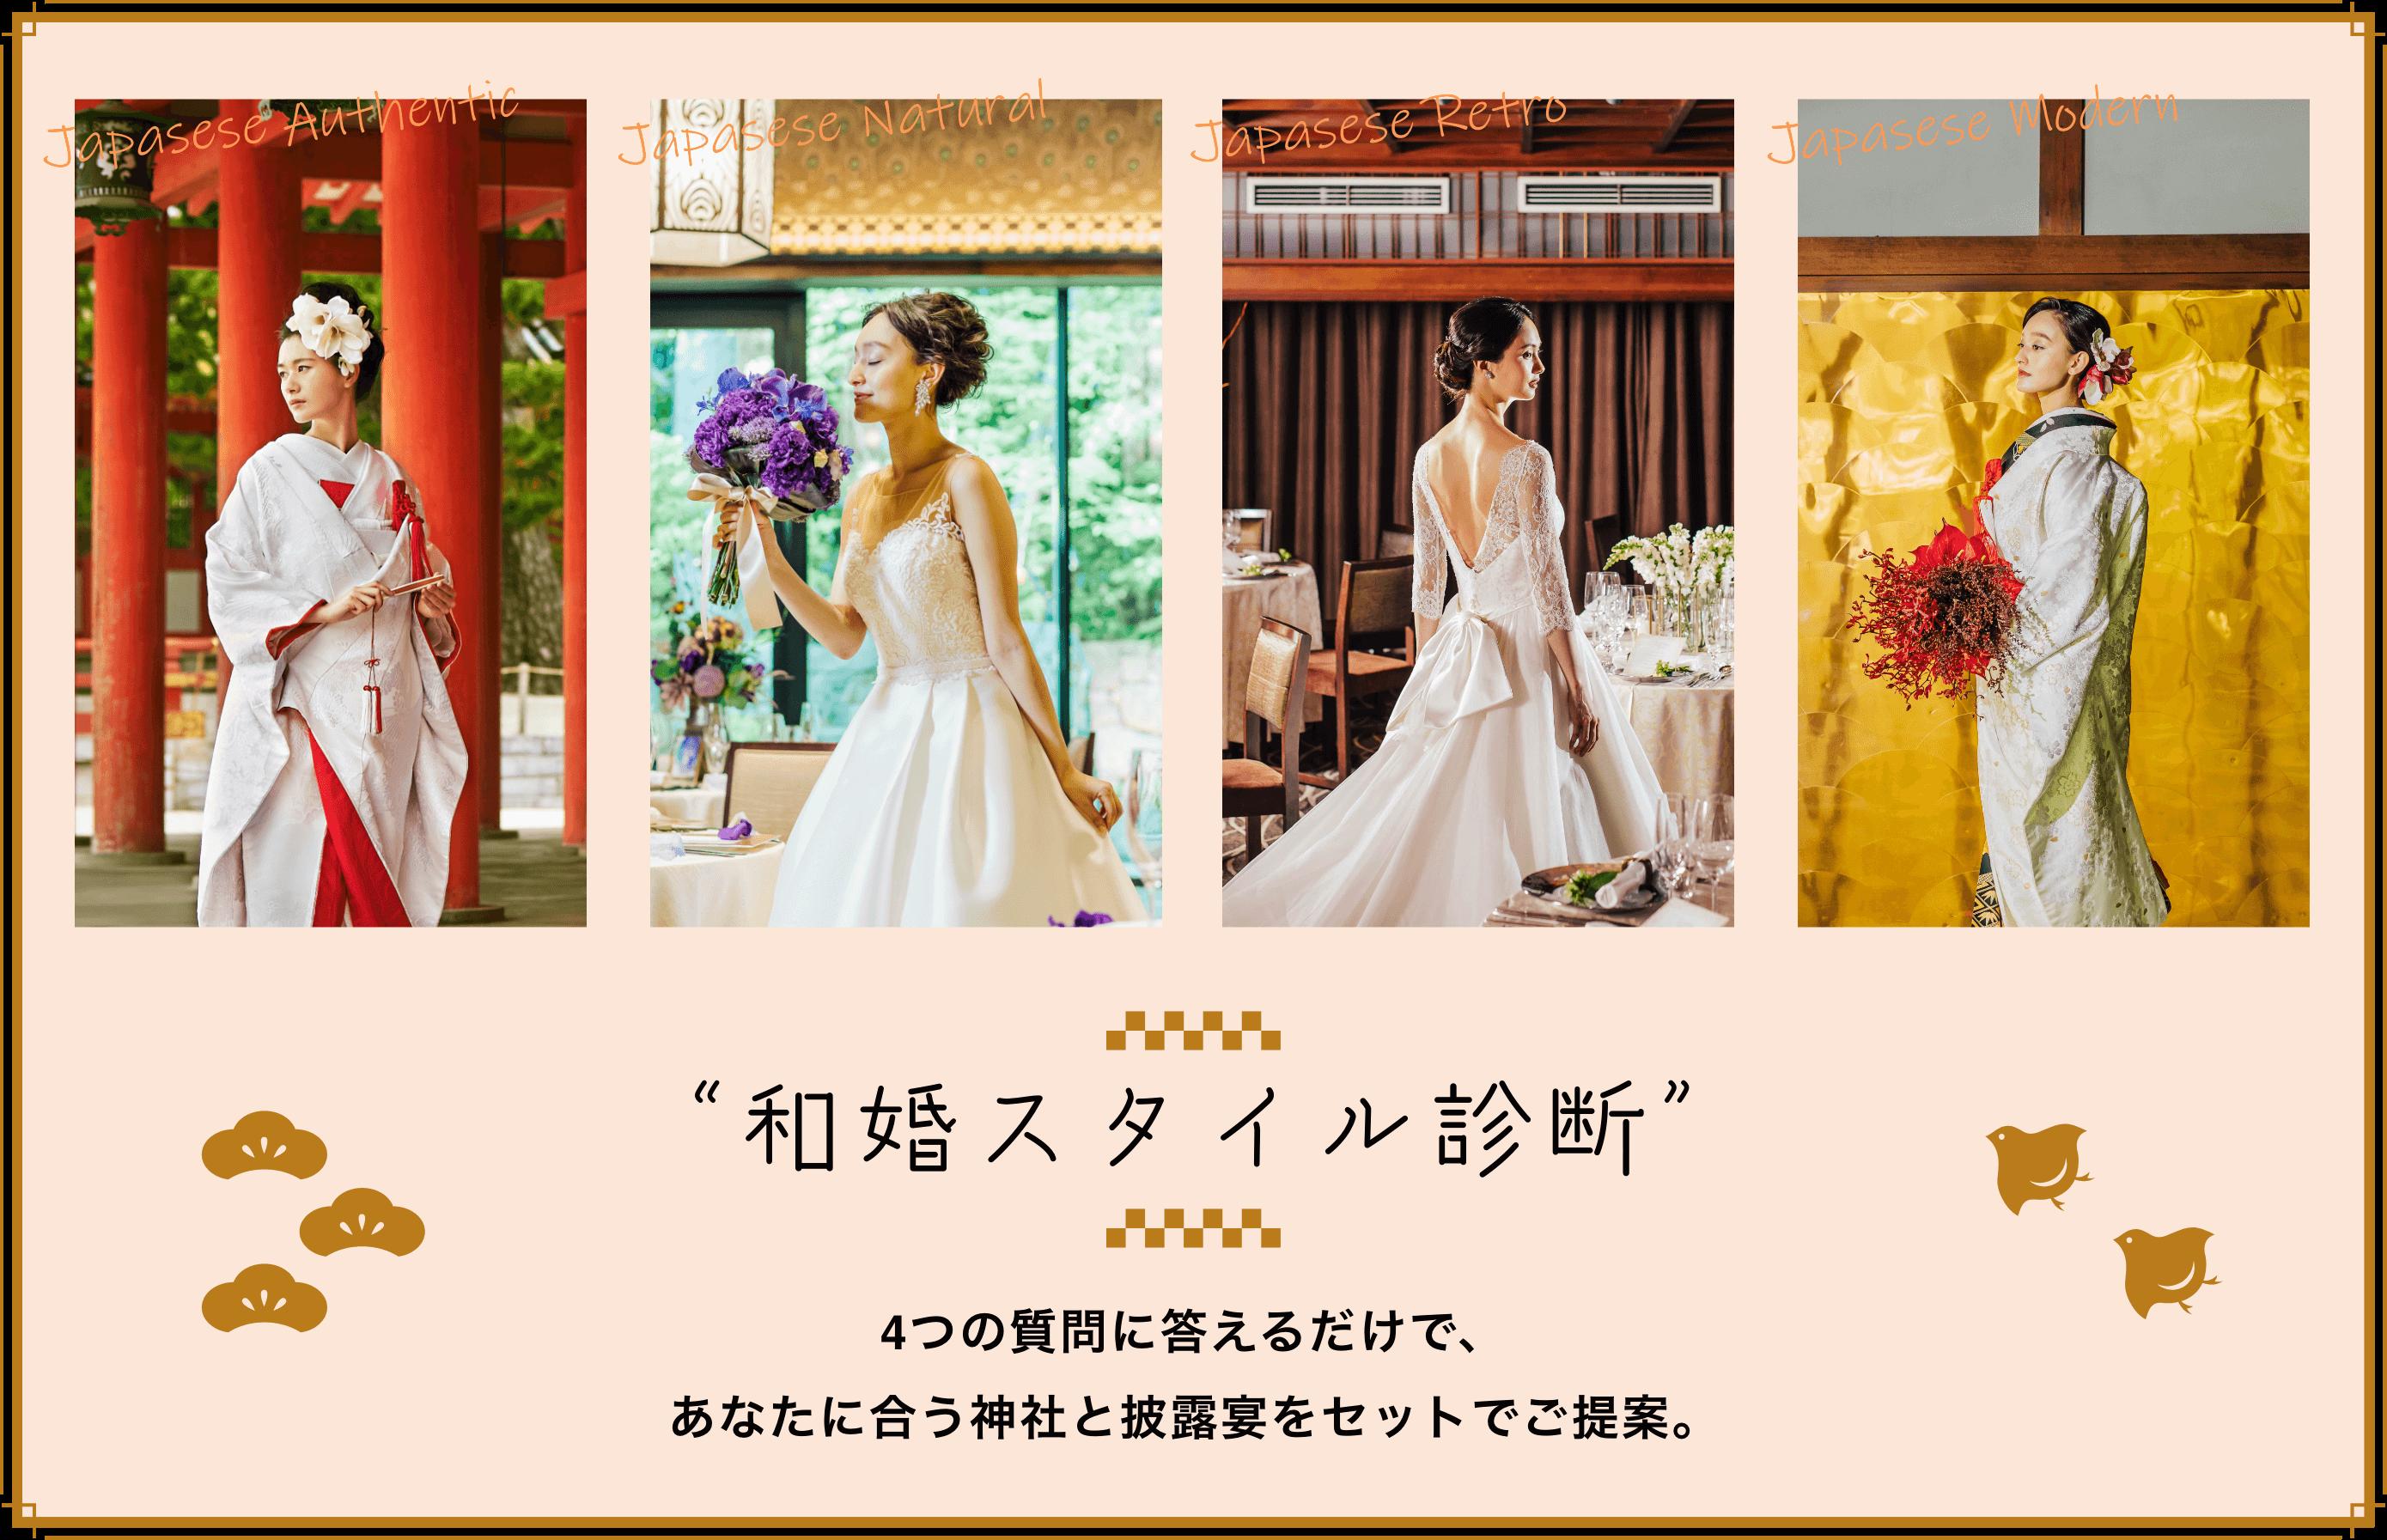 「和婚スタイル診断」4つの質問に答えるだけで、あなたに合う神社と披露宴会場をセットでご提案。